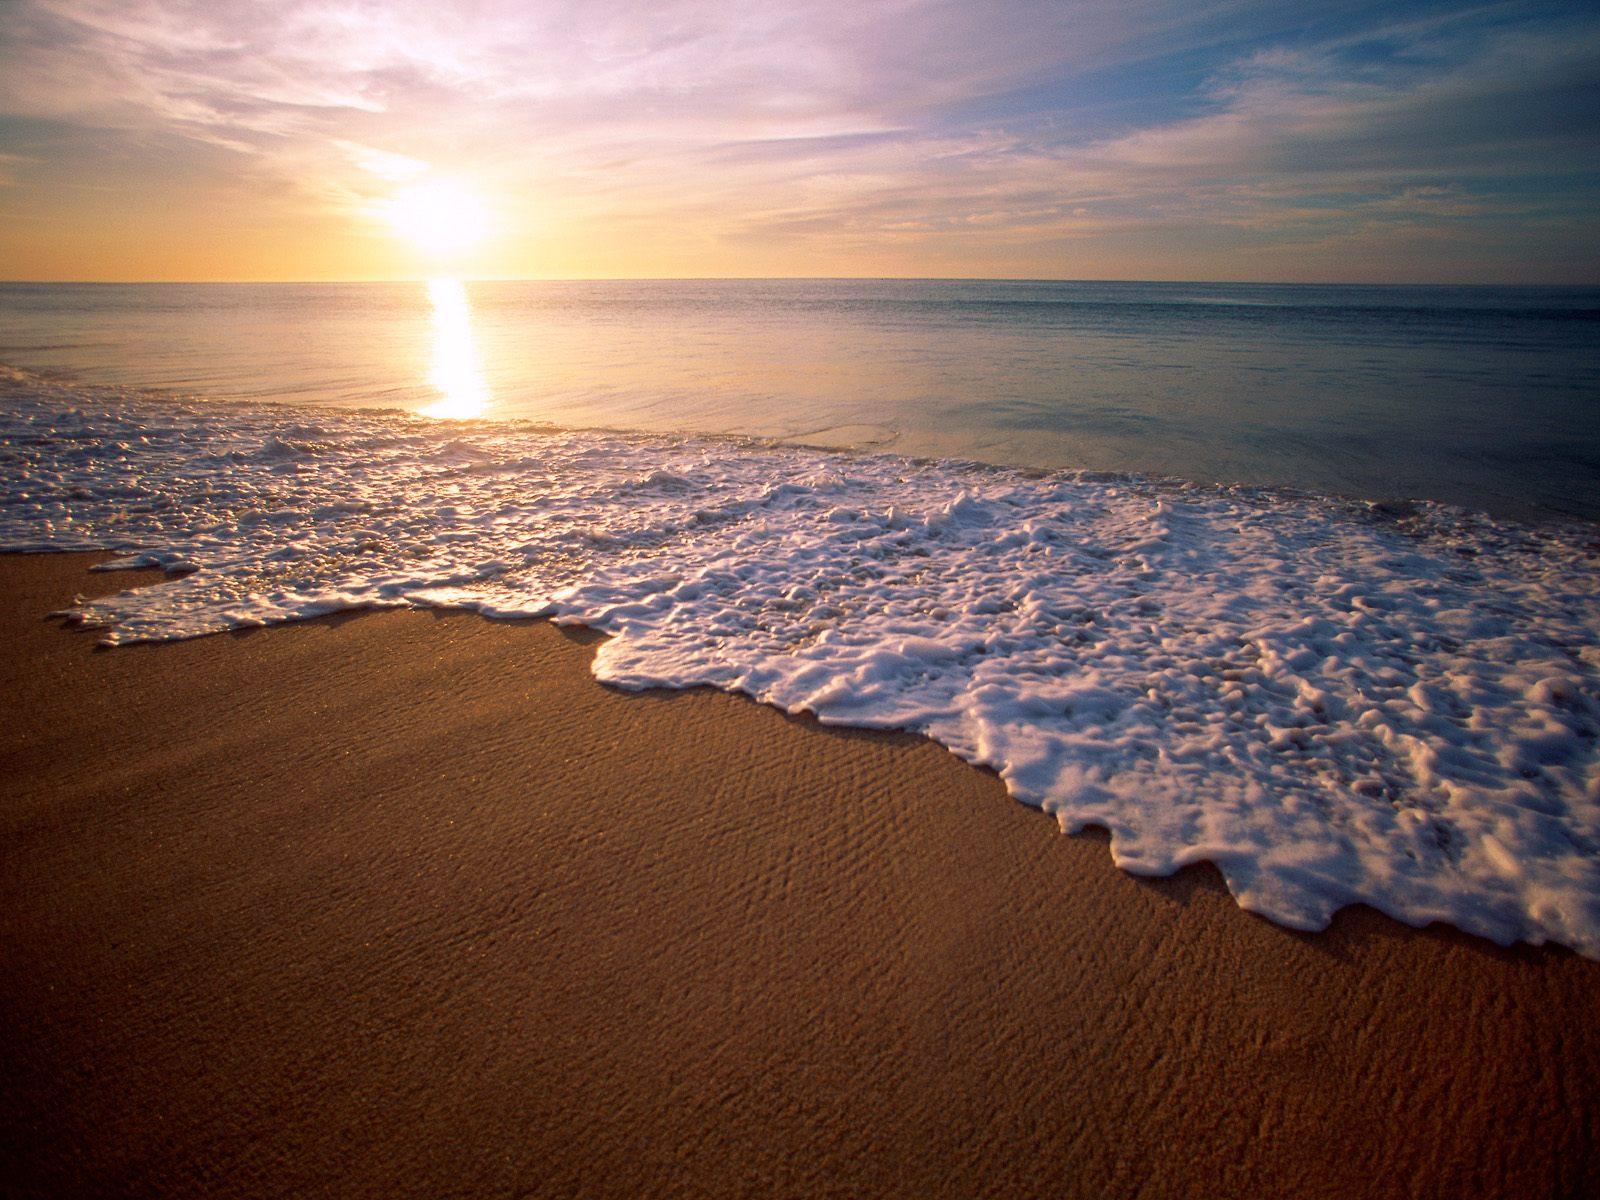 Cabo San Lucas Baja California Mexico 1600x1   Beaches Rivers Oceans 1600x1200